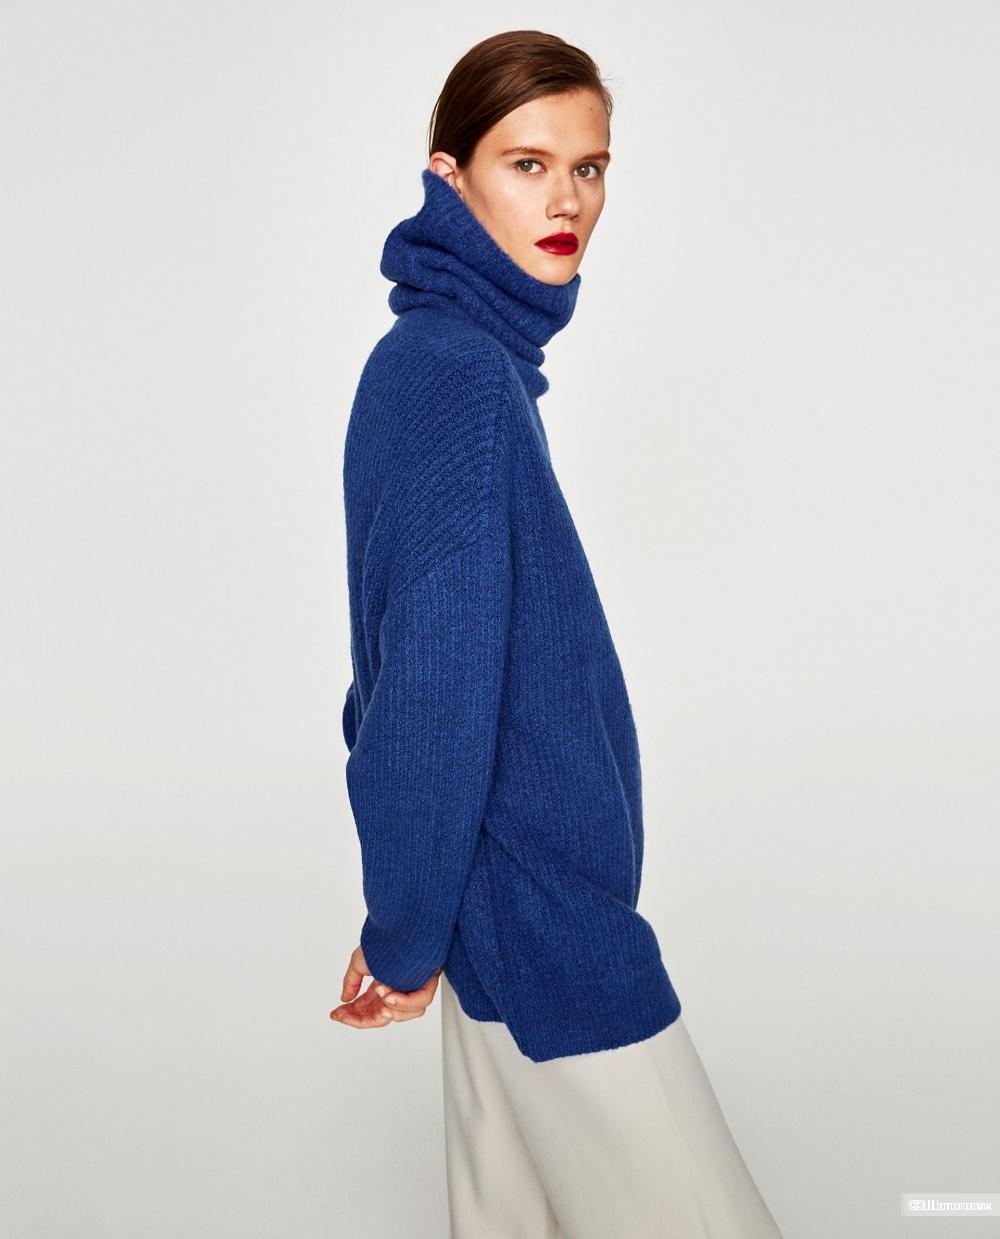 Свитер Zara размер S oversize